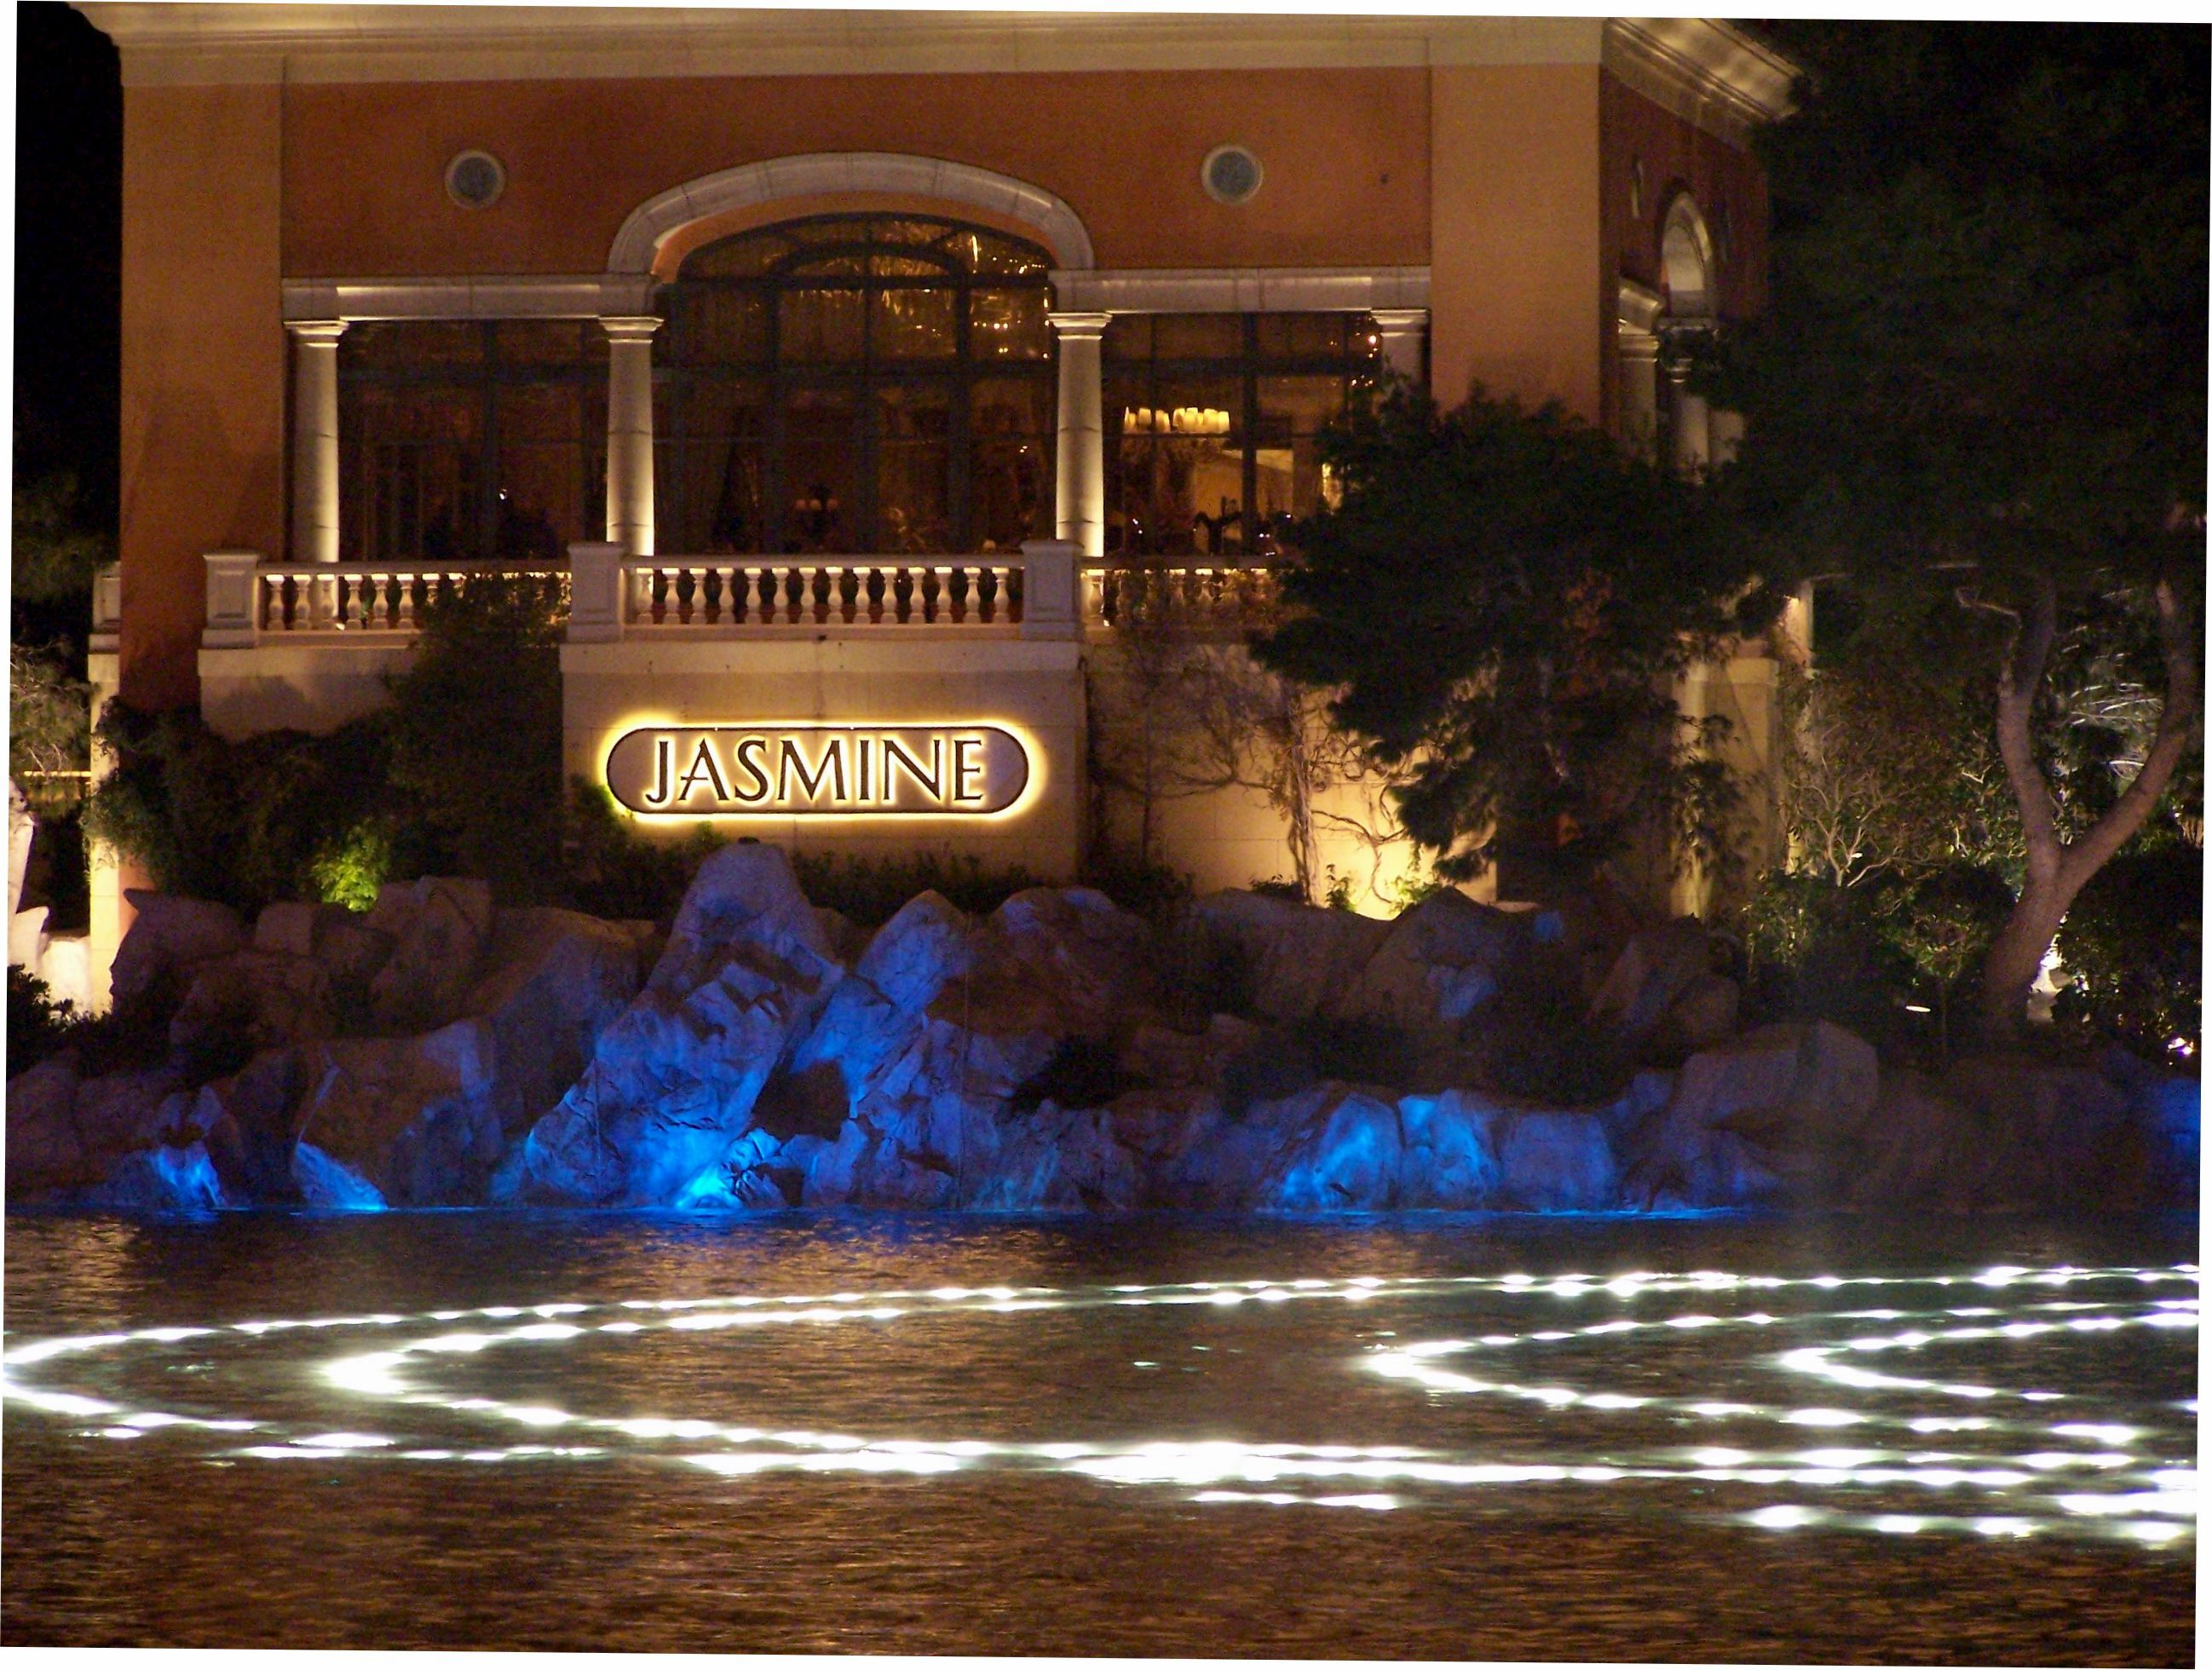 Jasmine at Bellagio Las Vegas